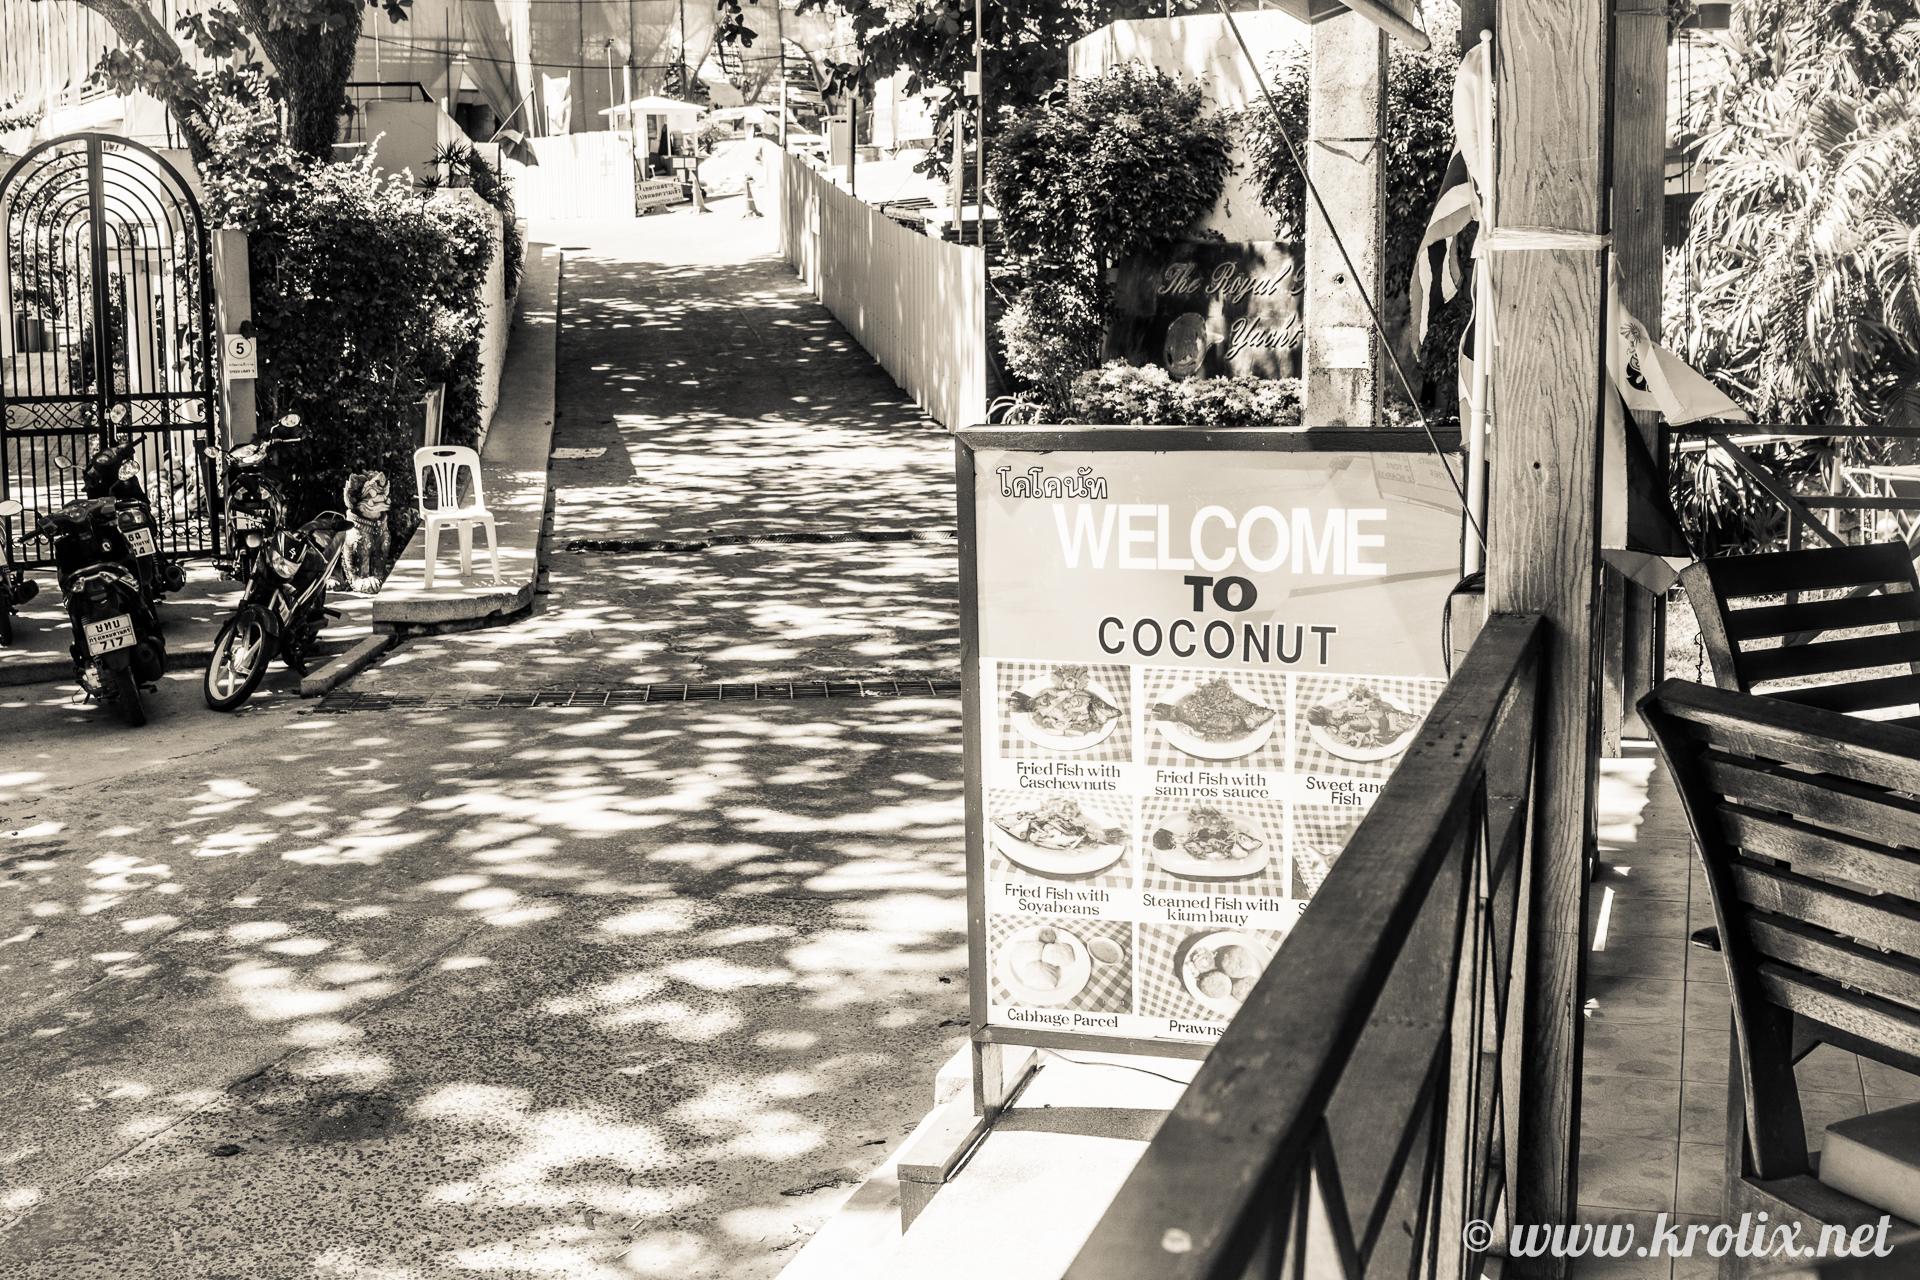 Называлось место Coconut. Ничего особенного, но расположение удобное, прямо с краю пляжа.